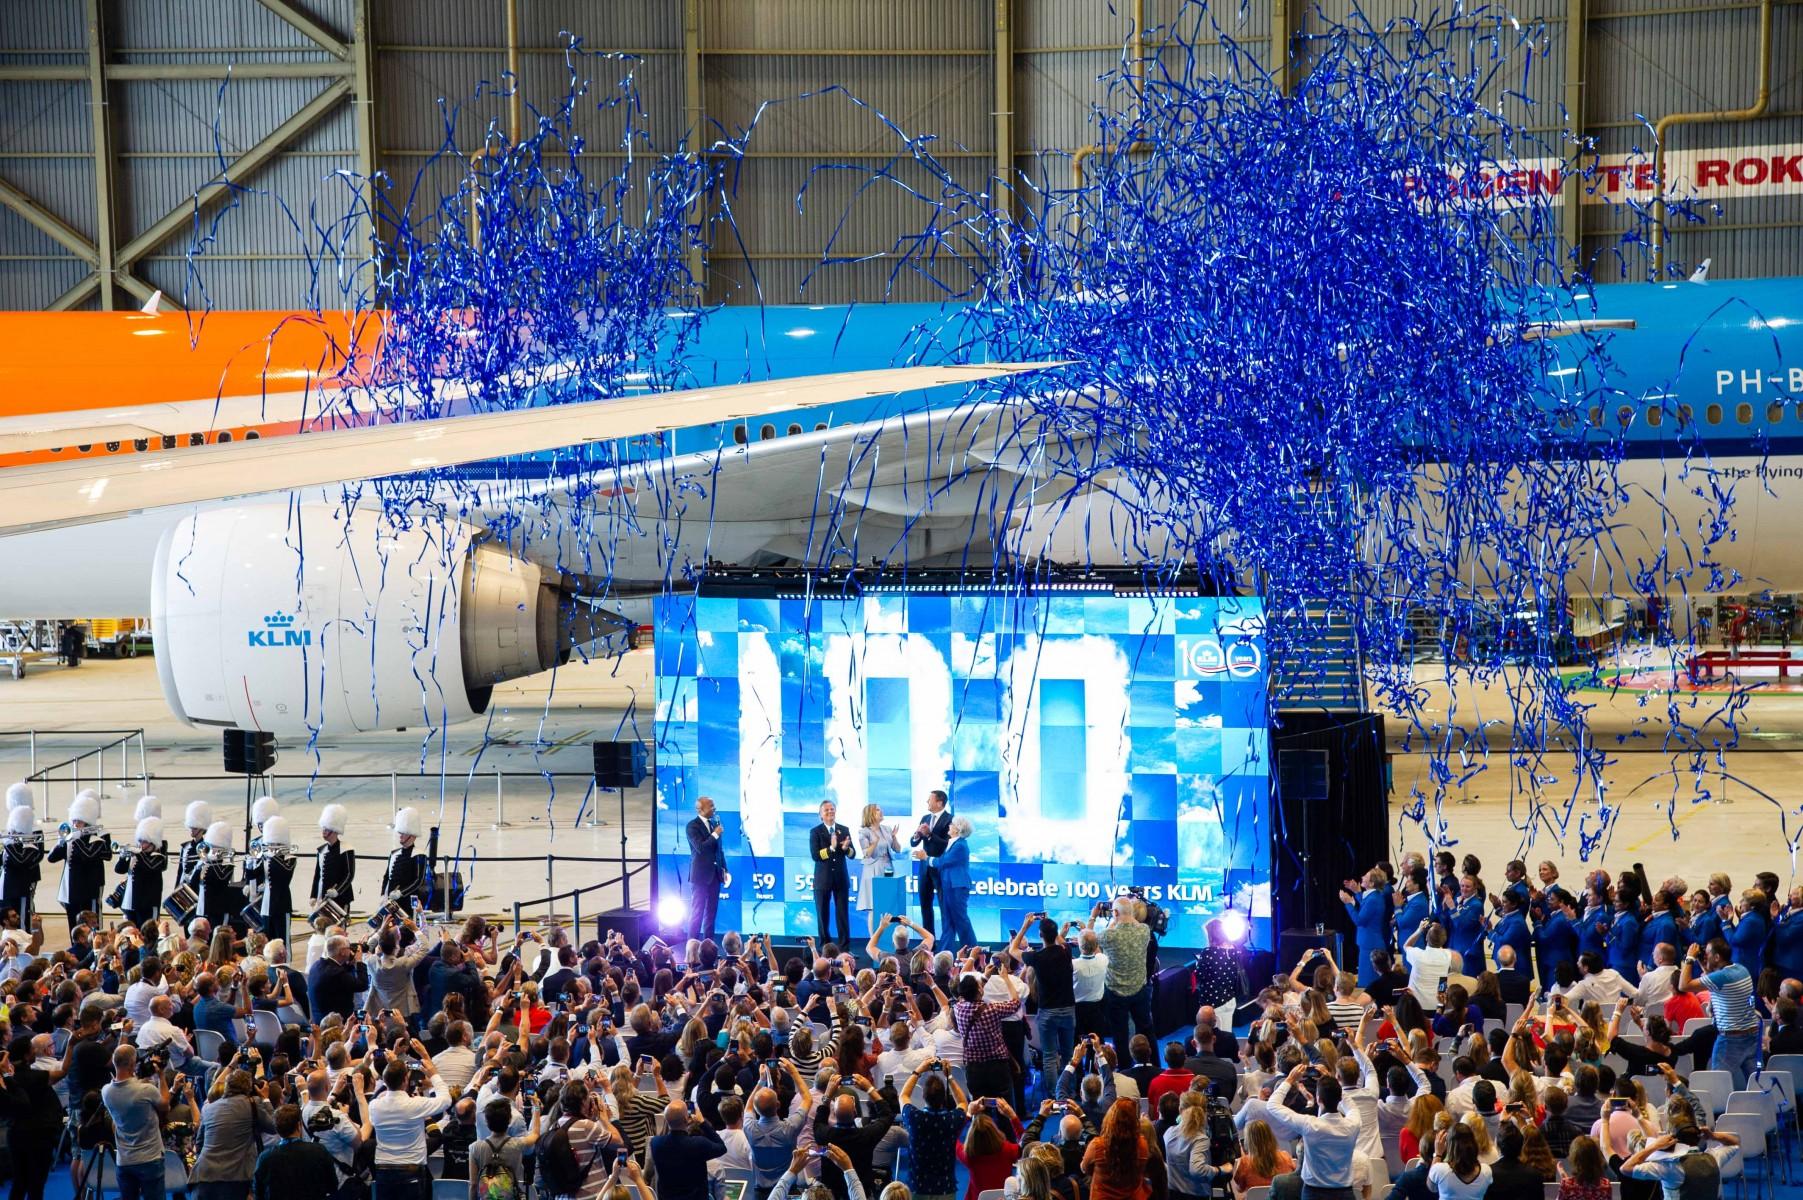 KLM 100. Yılını Kutluyor